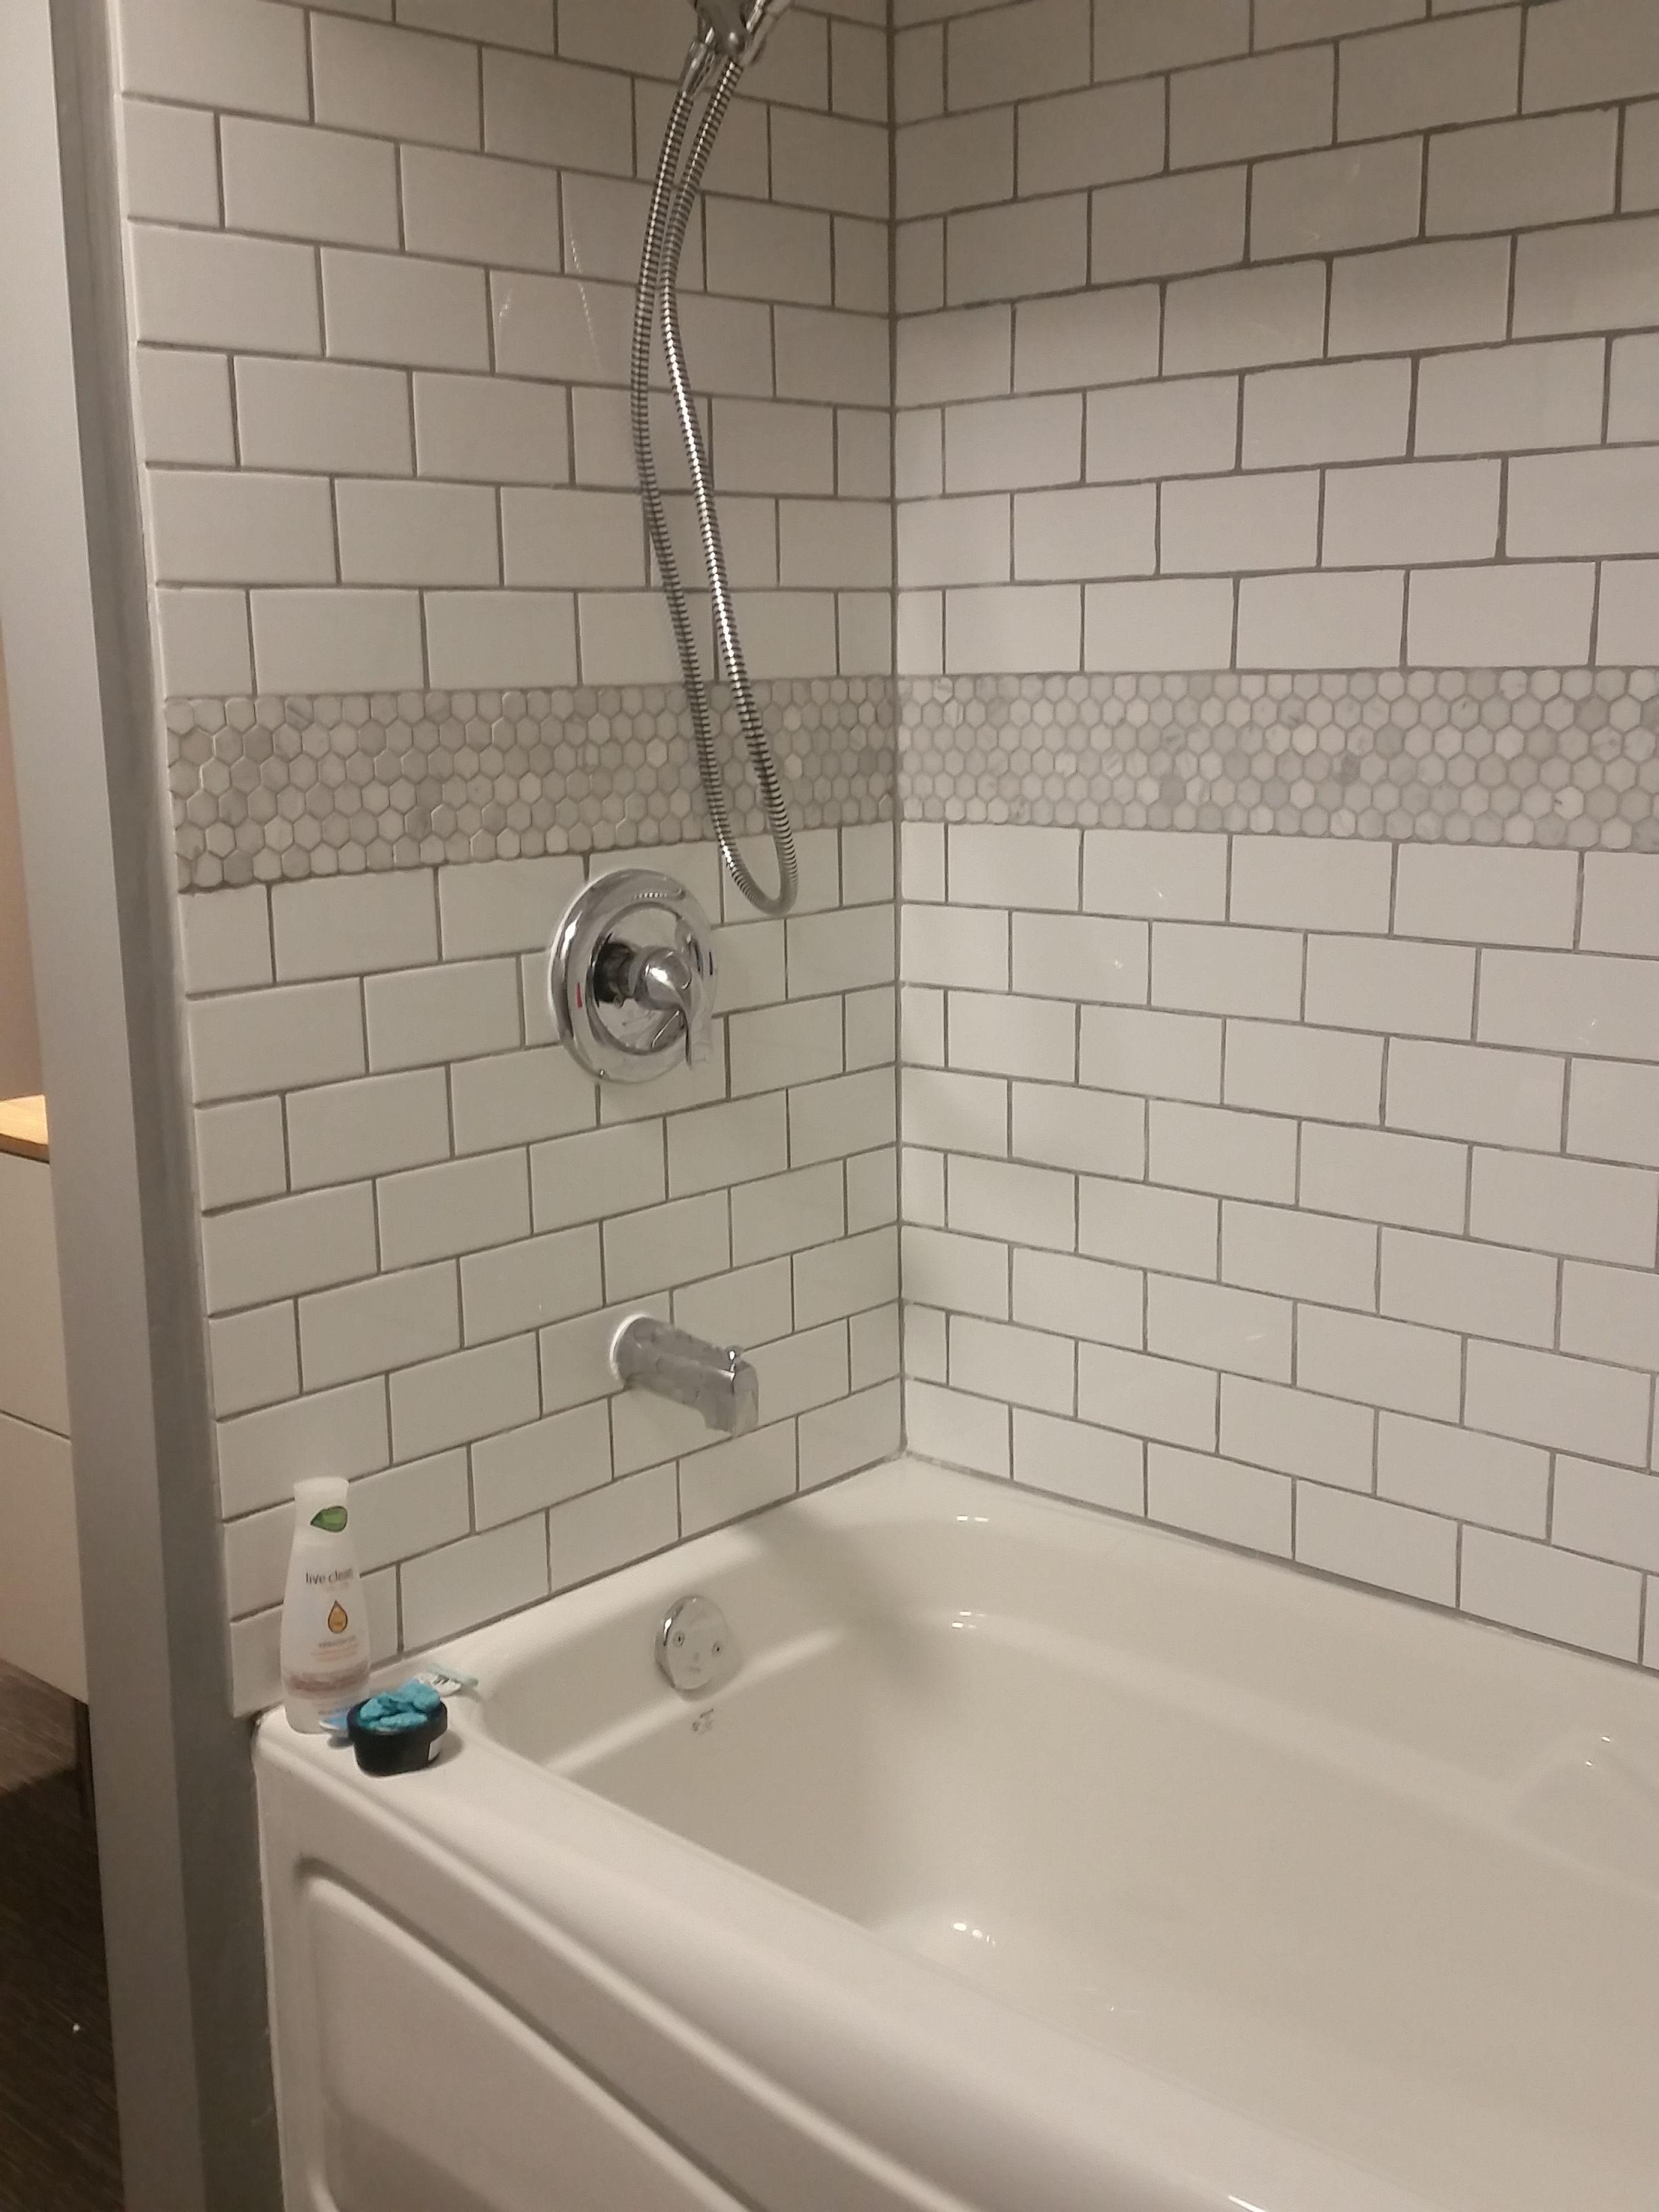 white subway tile bathtub surround with